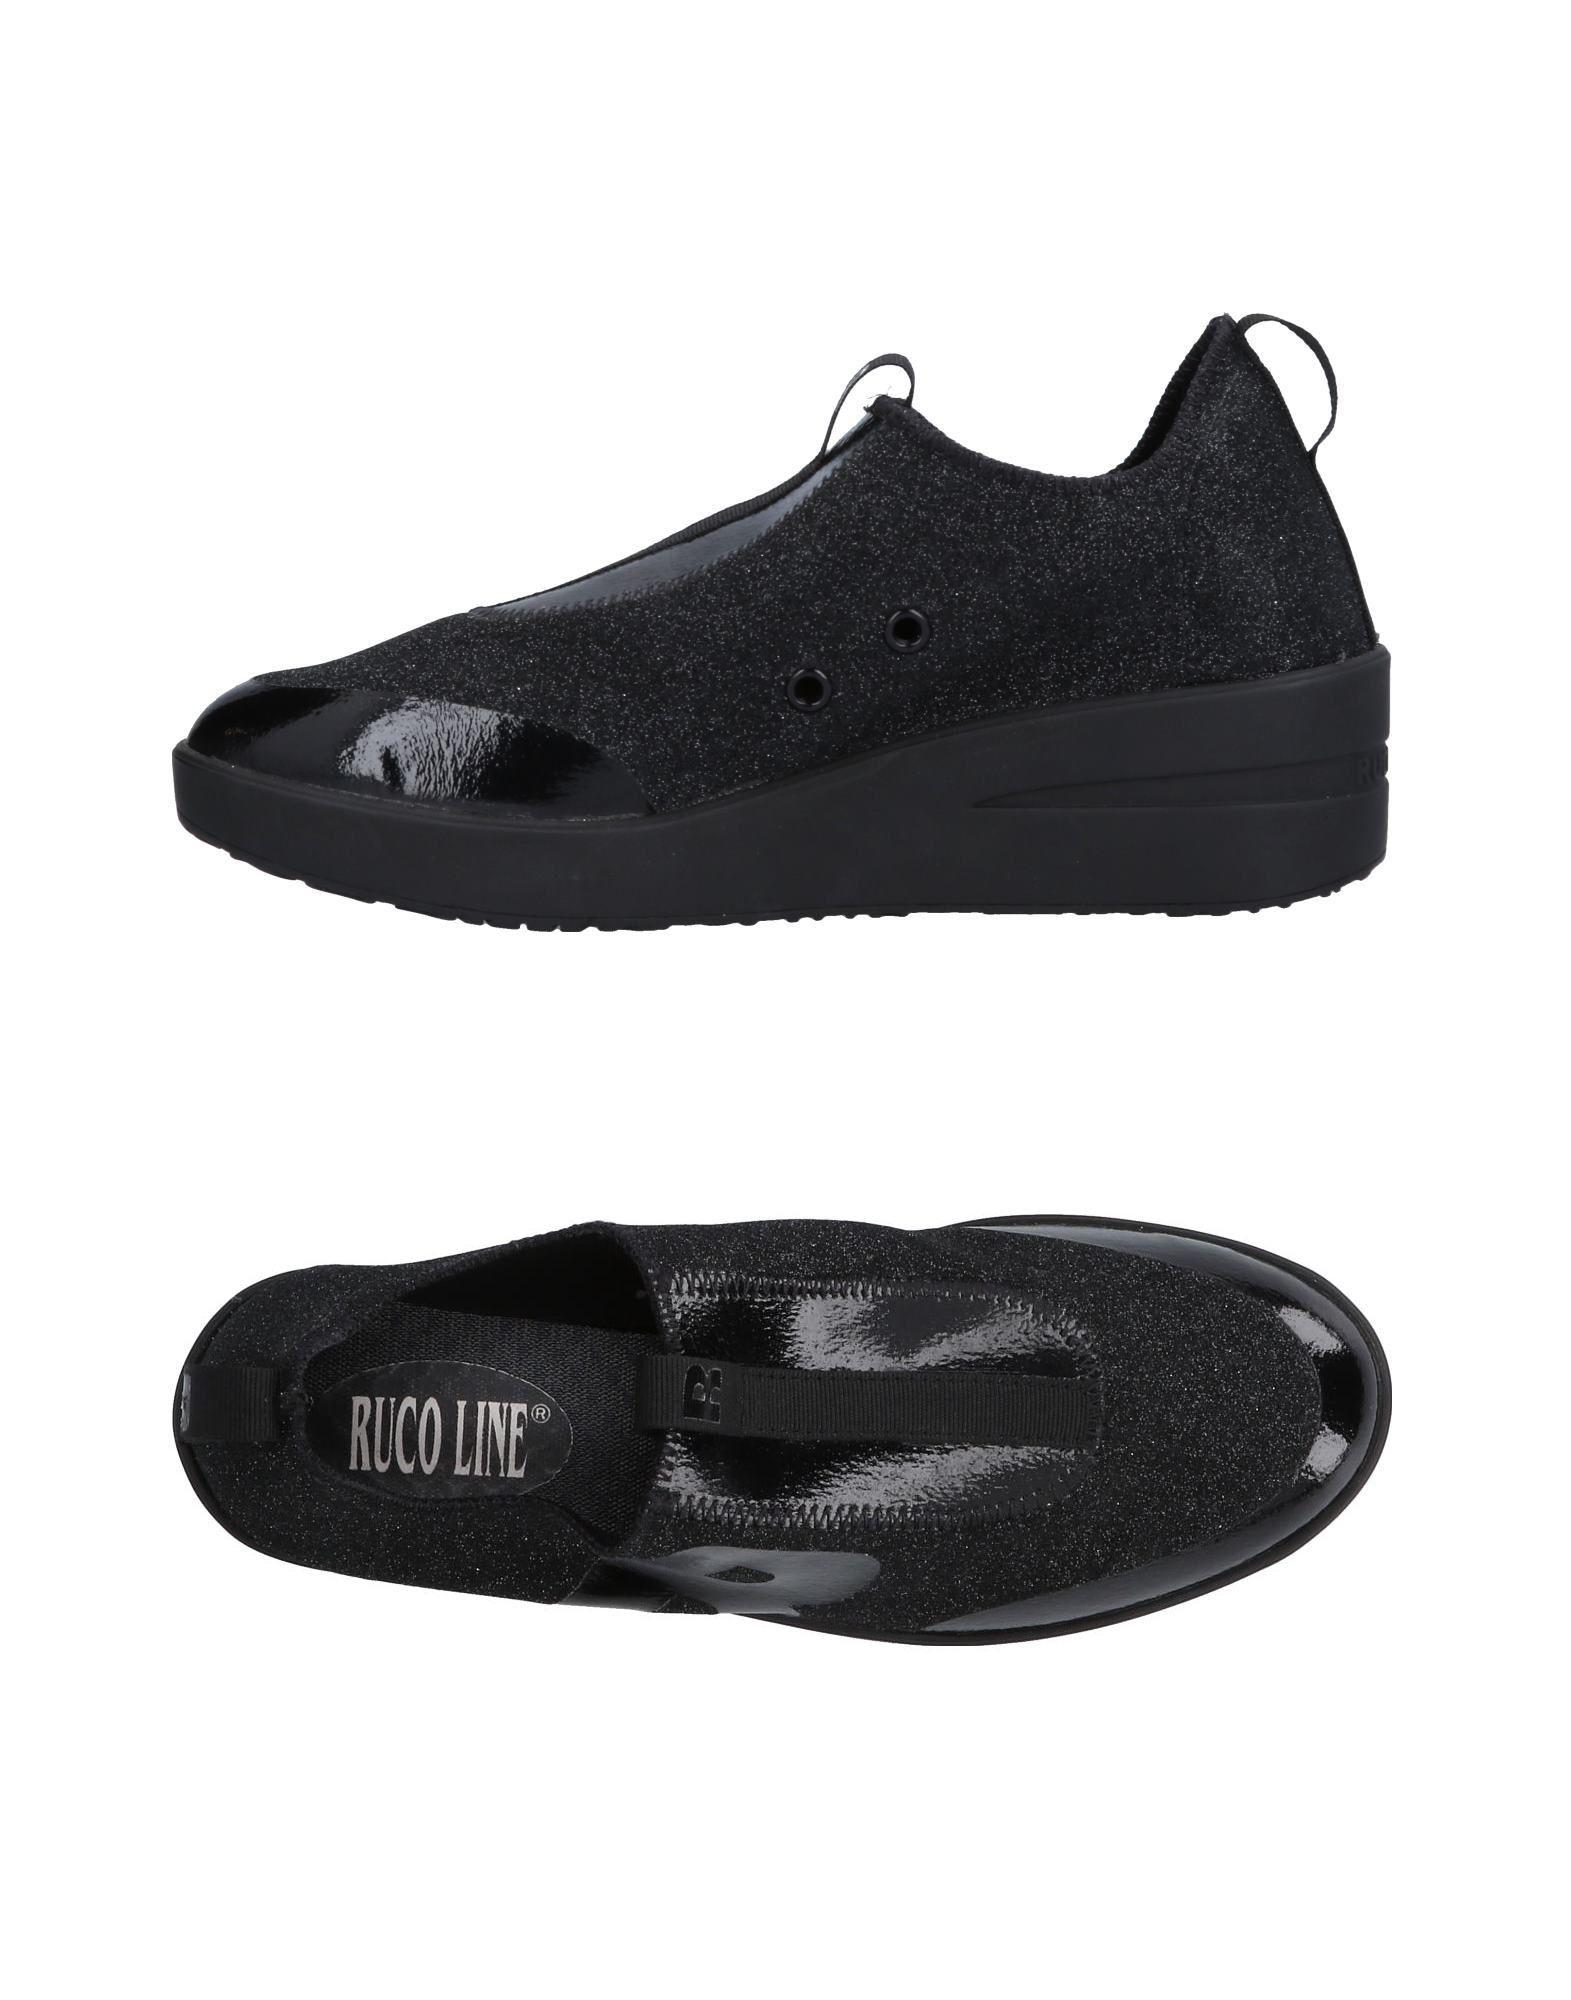 Baskets Ruco Line Femme - Baskets Ruco Line Noir Les chaussures les plus populaires pour les hommes et les femmes